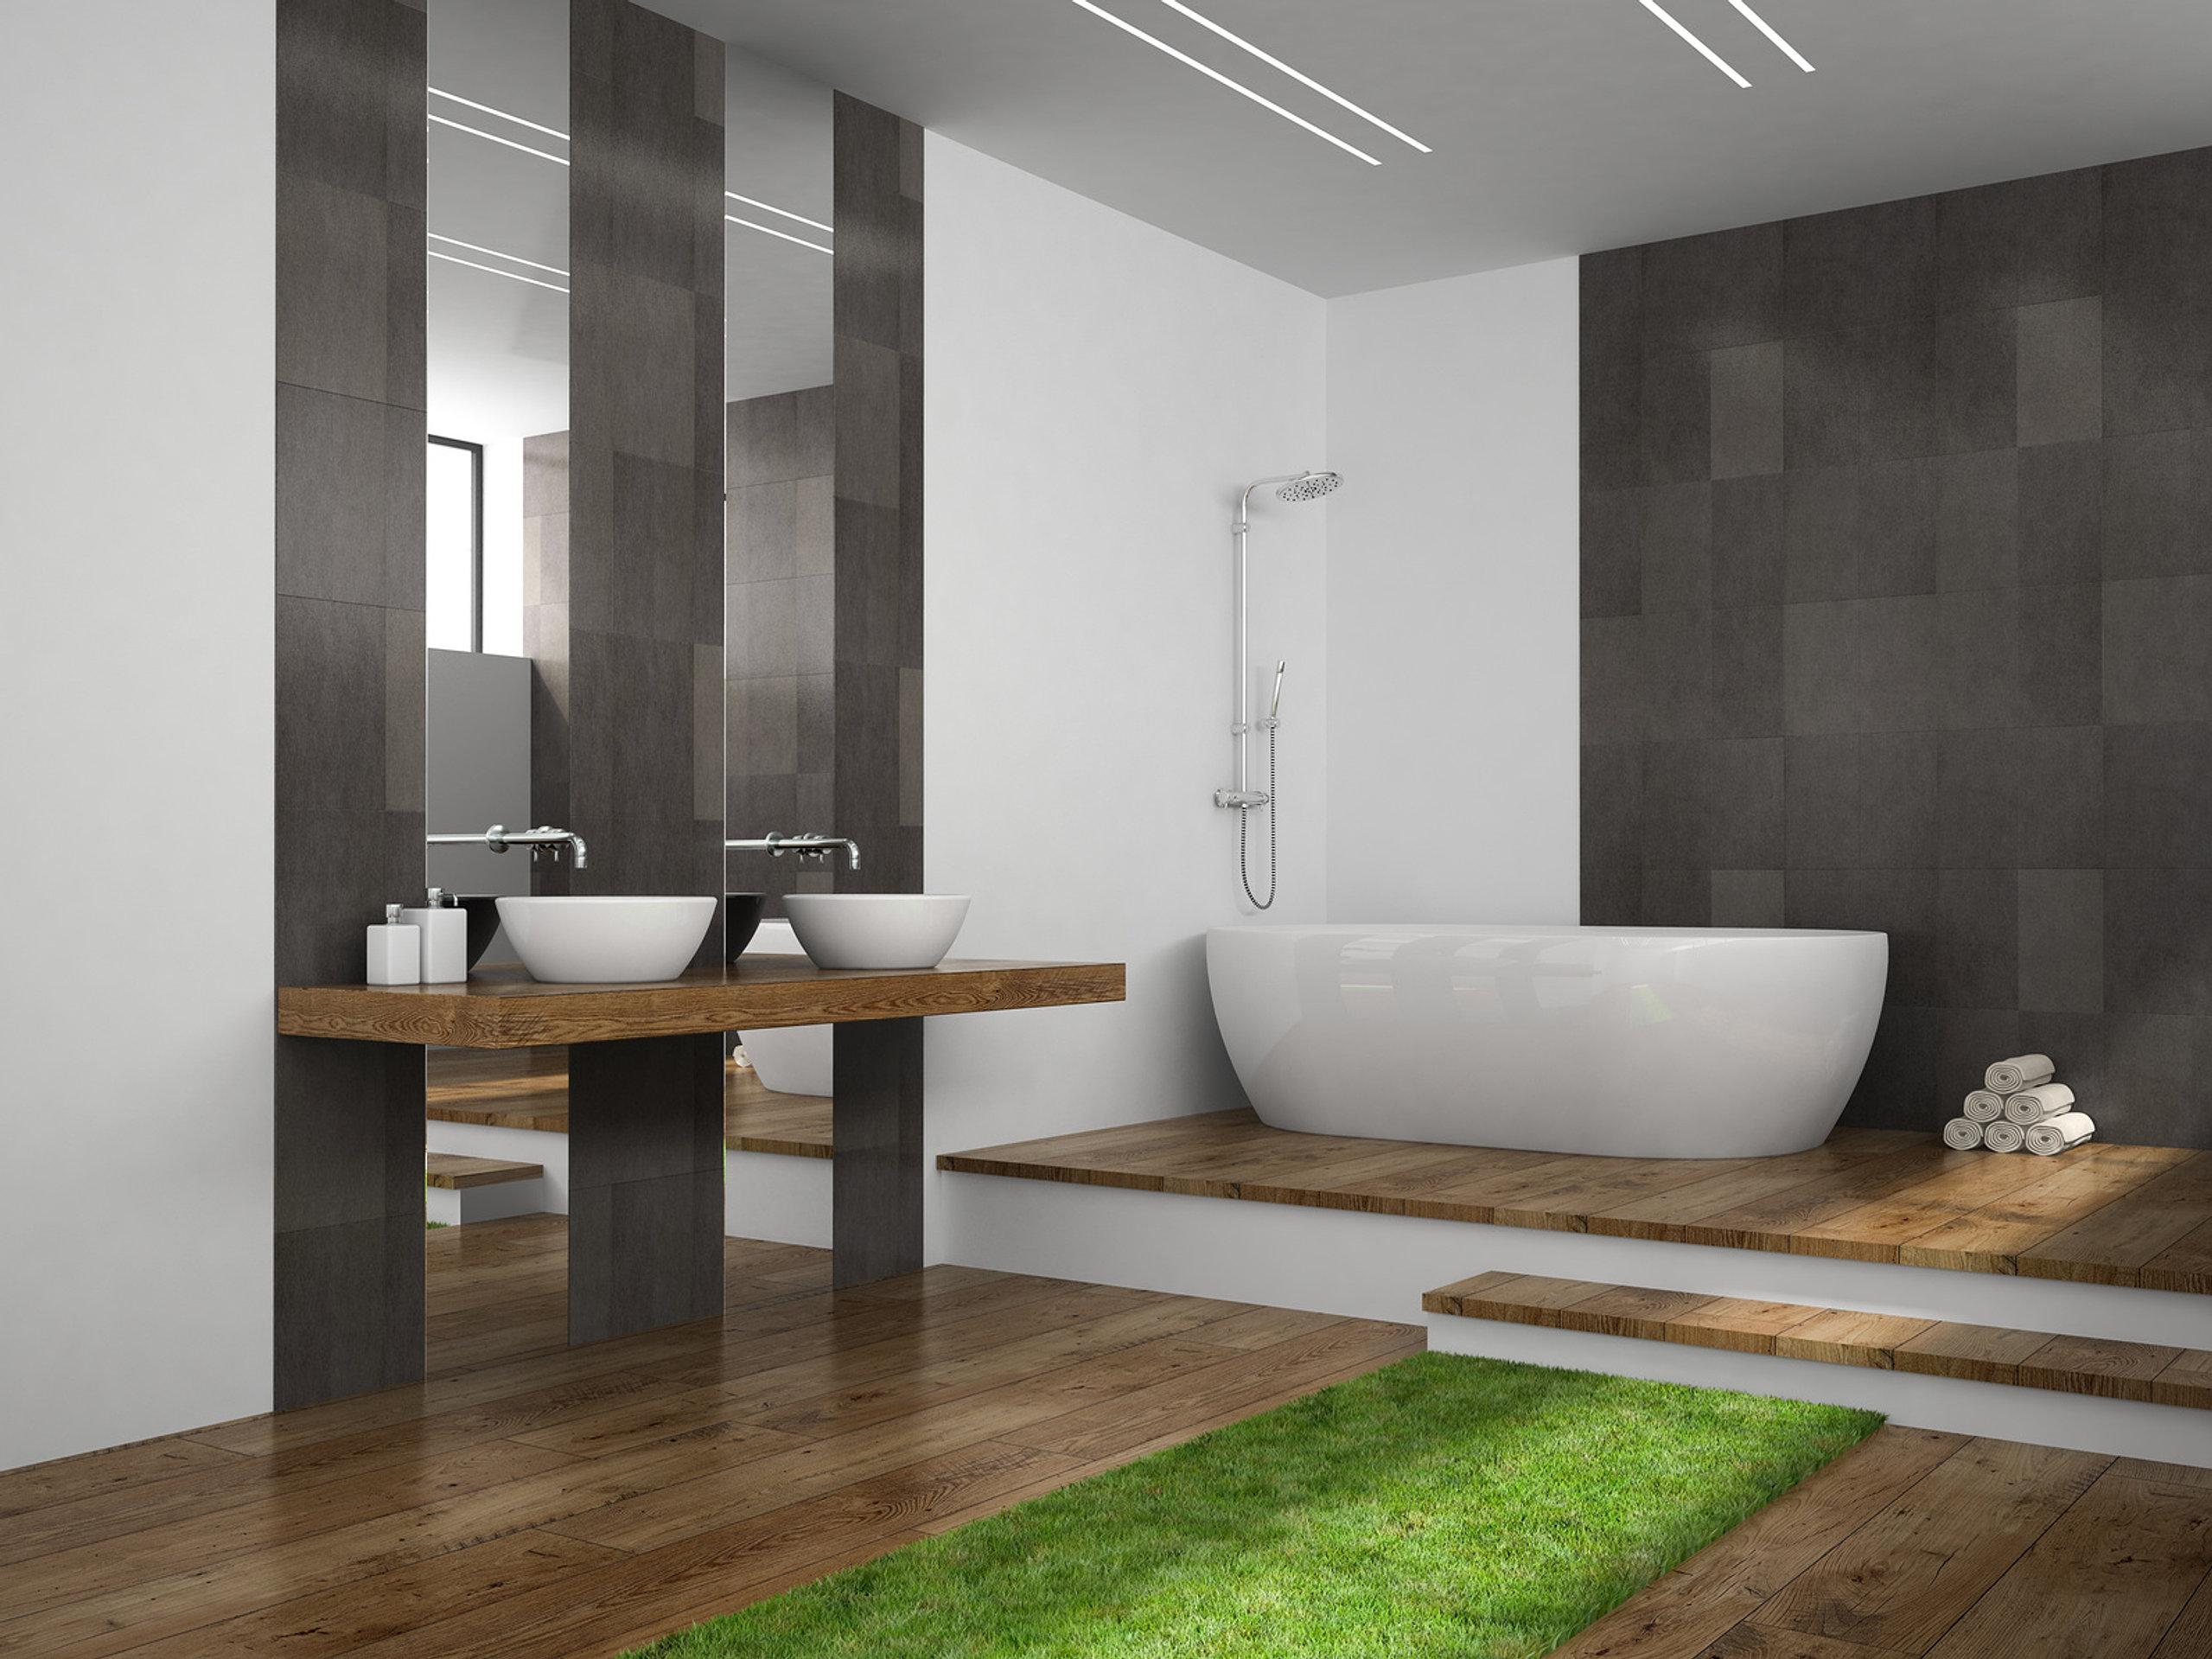 Badezimmer Erneuern Zum Festpreis, Badezimmer Ideen